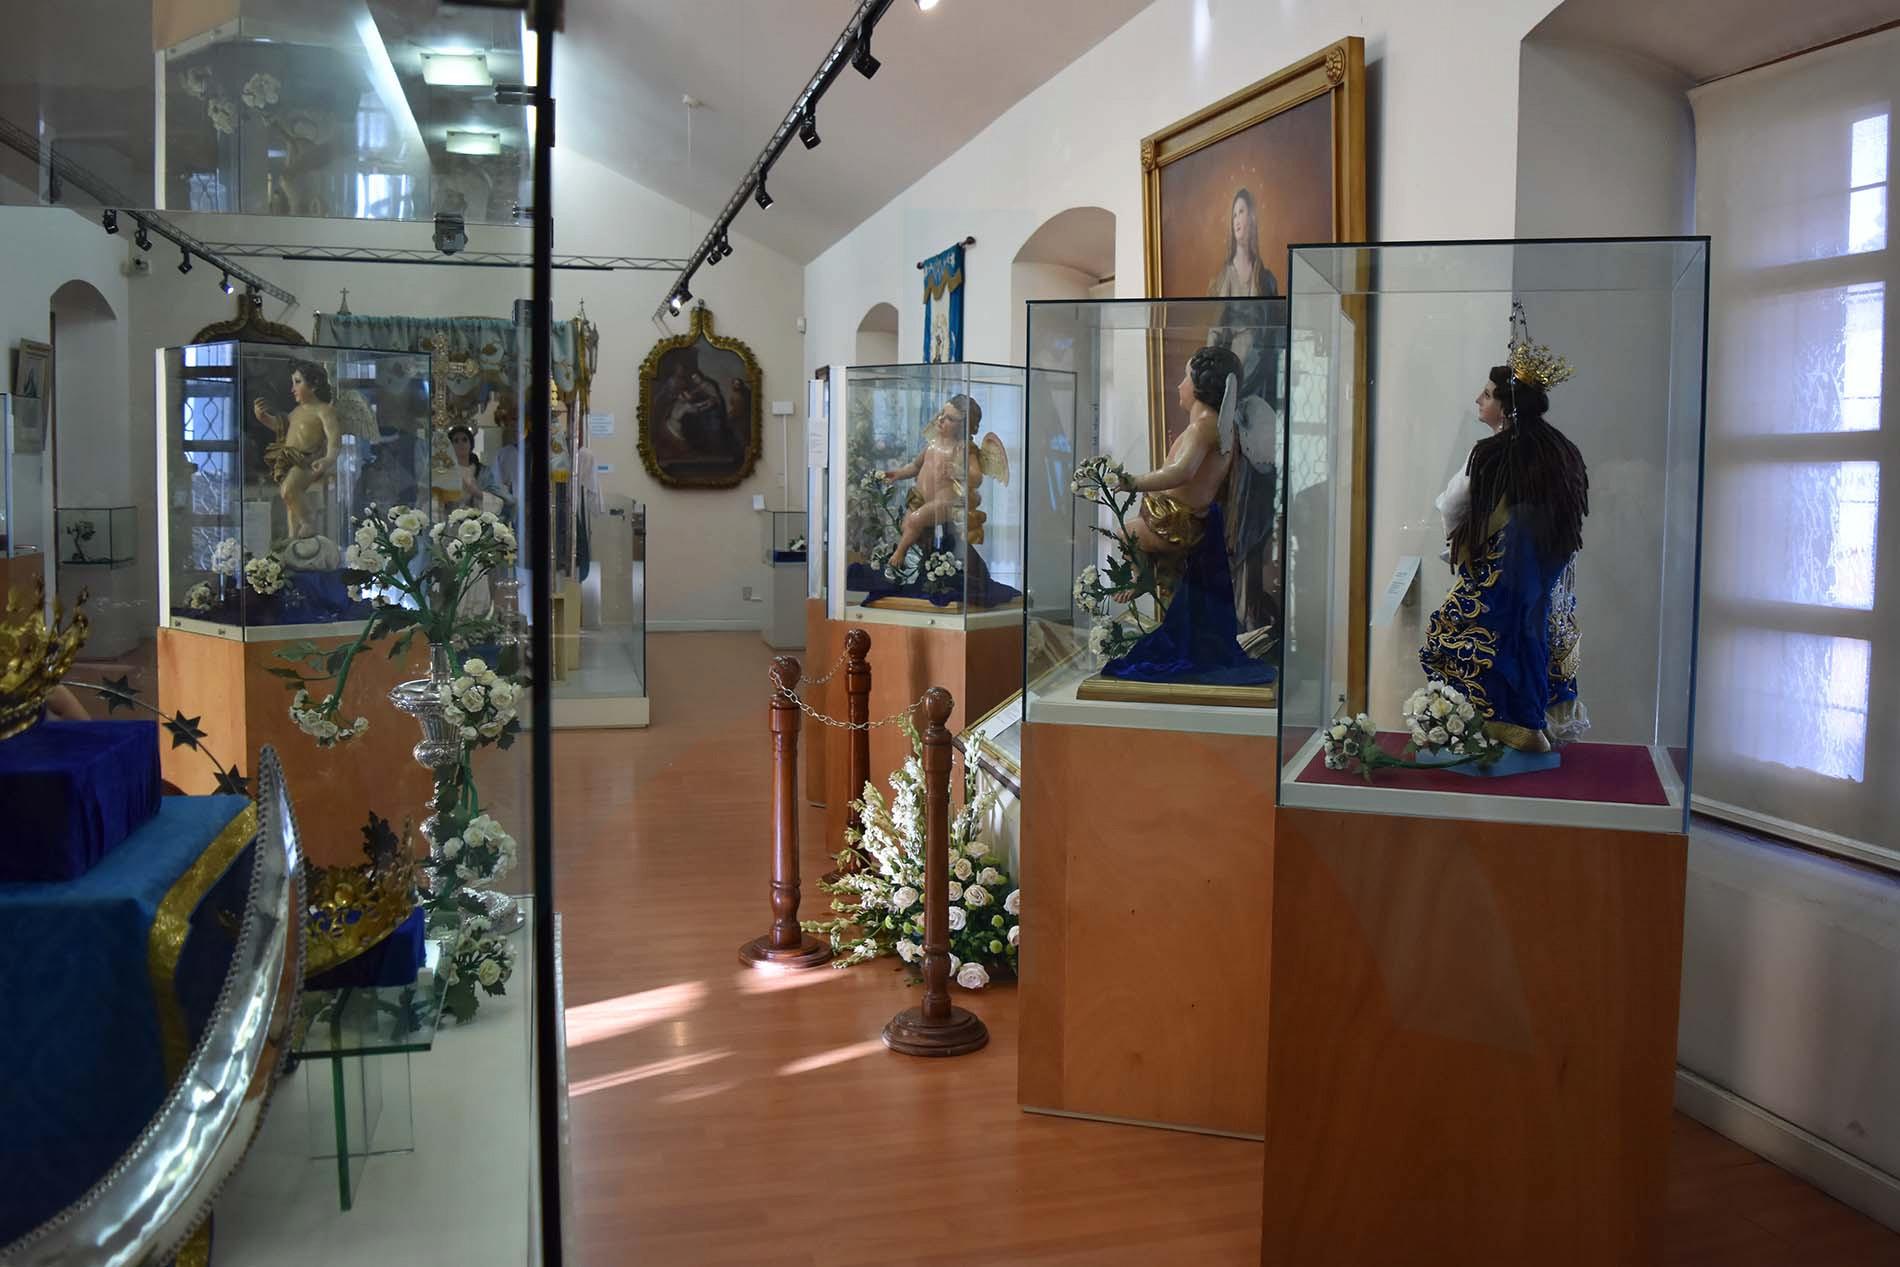 Museo arquidiocesano 08